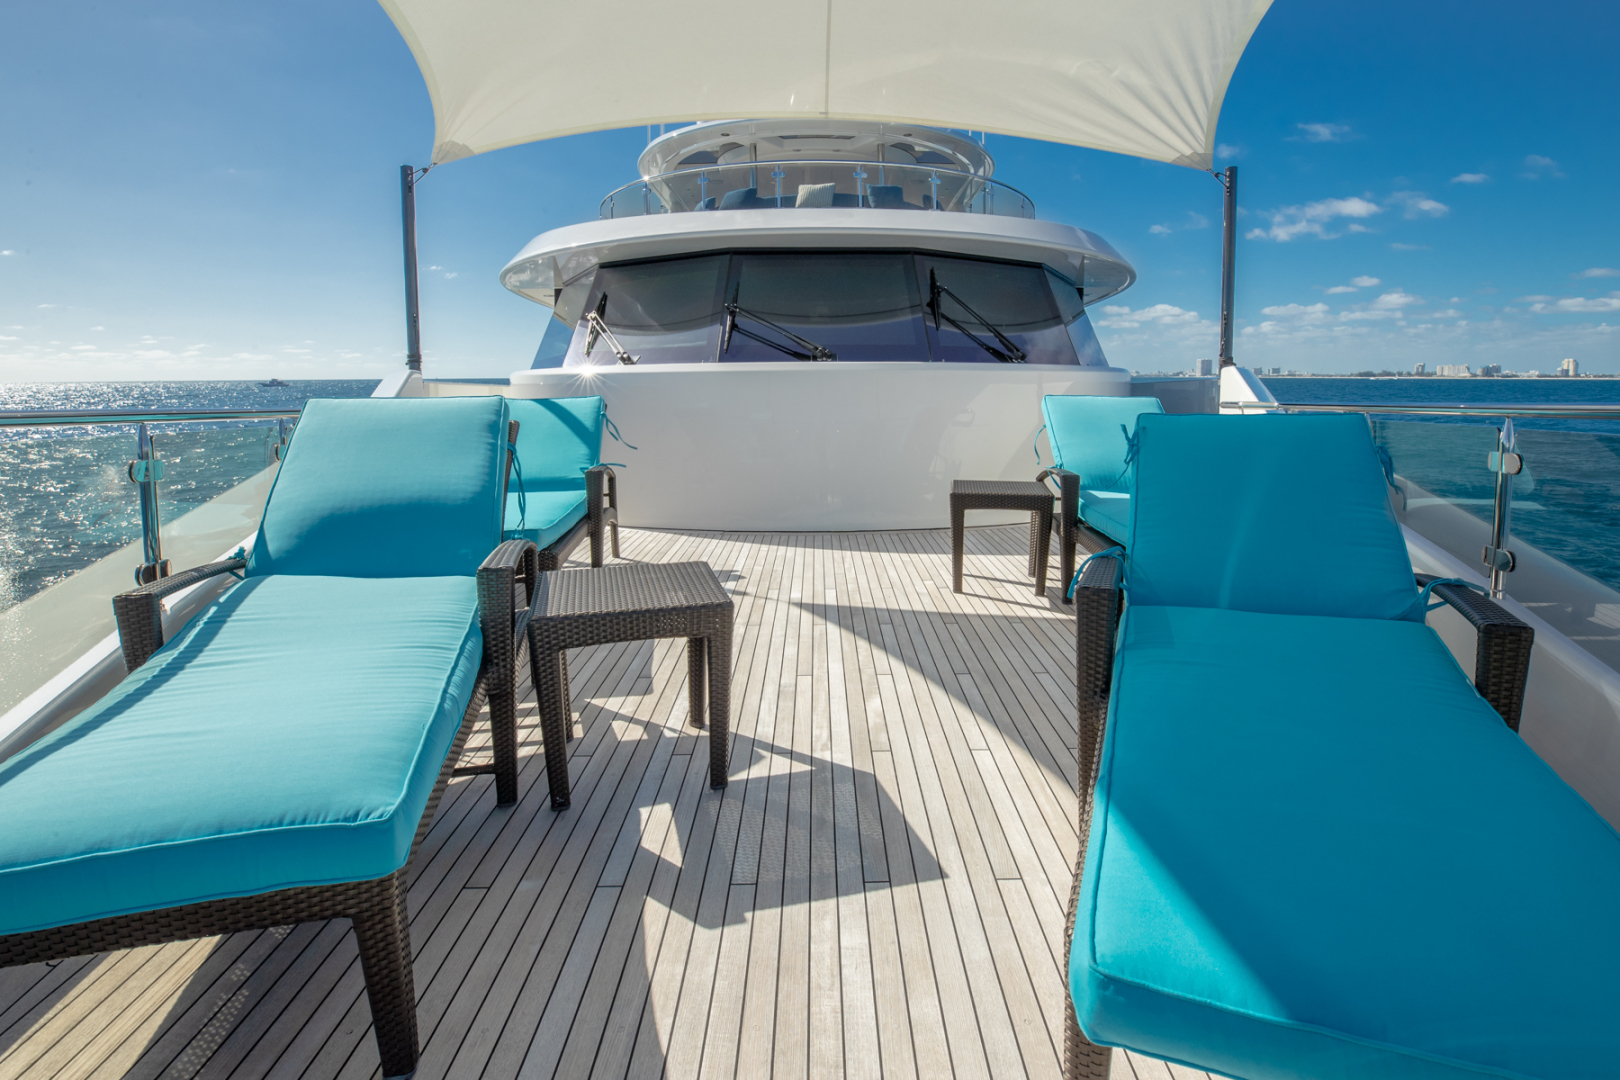 Westport-Westport 40 meter 2011-NINA LU Miami-Florida-United States-Sundeck-1354284 | Thumbnail